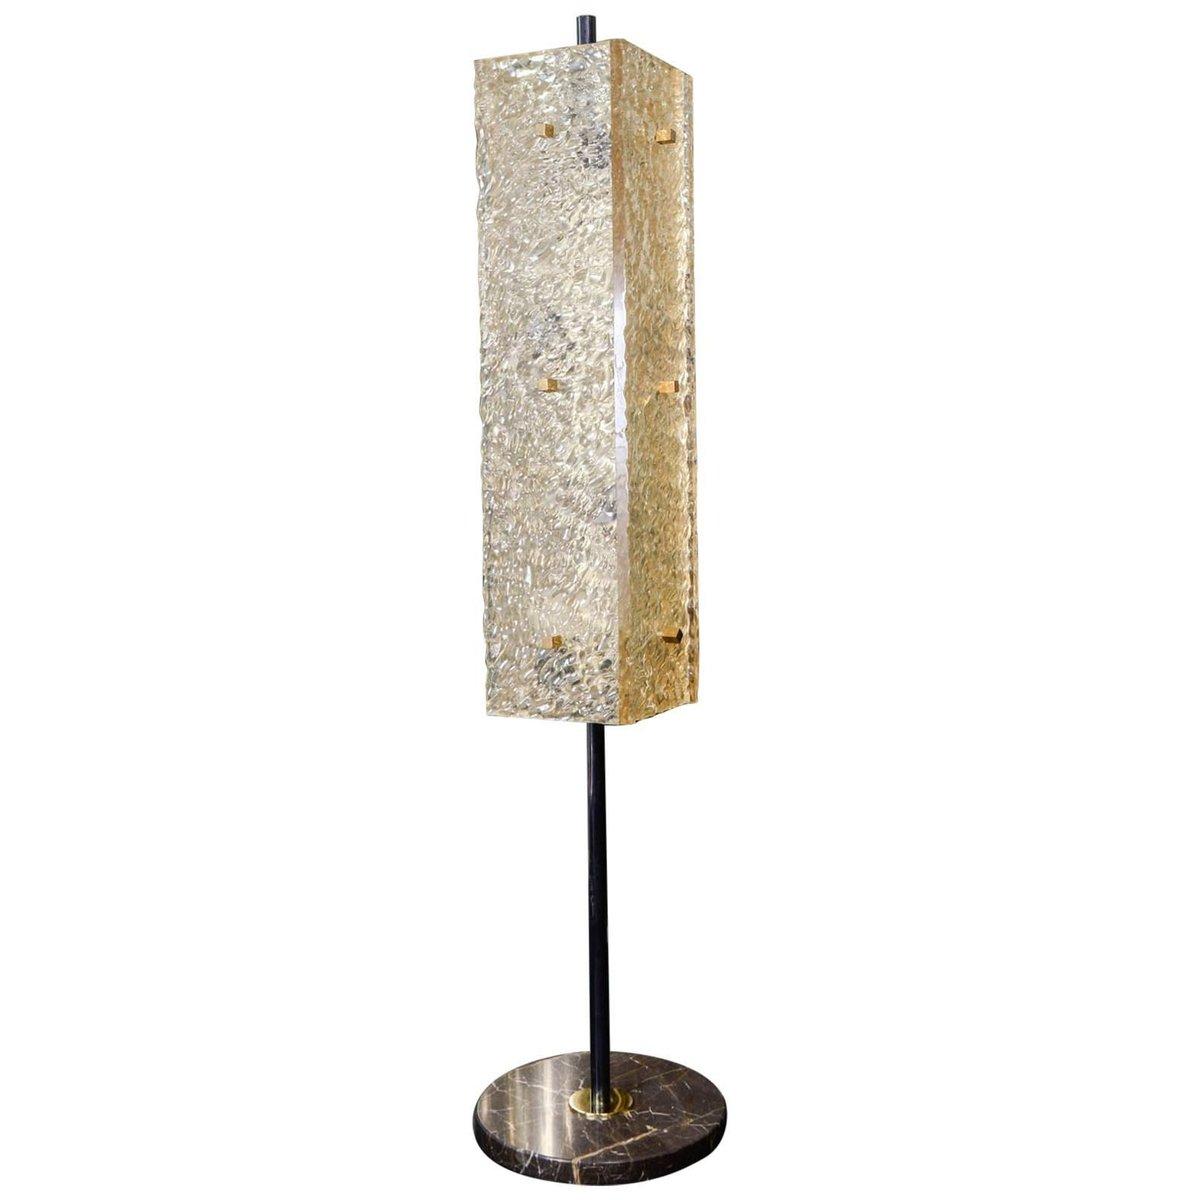 Stehlampe von Arteluce, 1960er